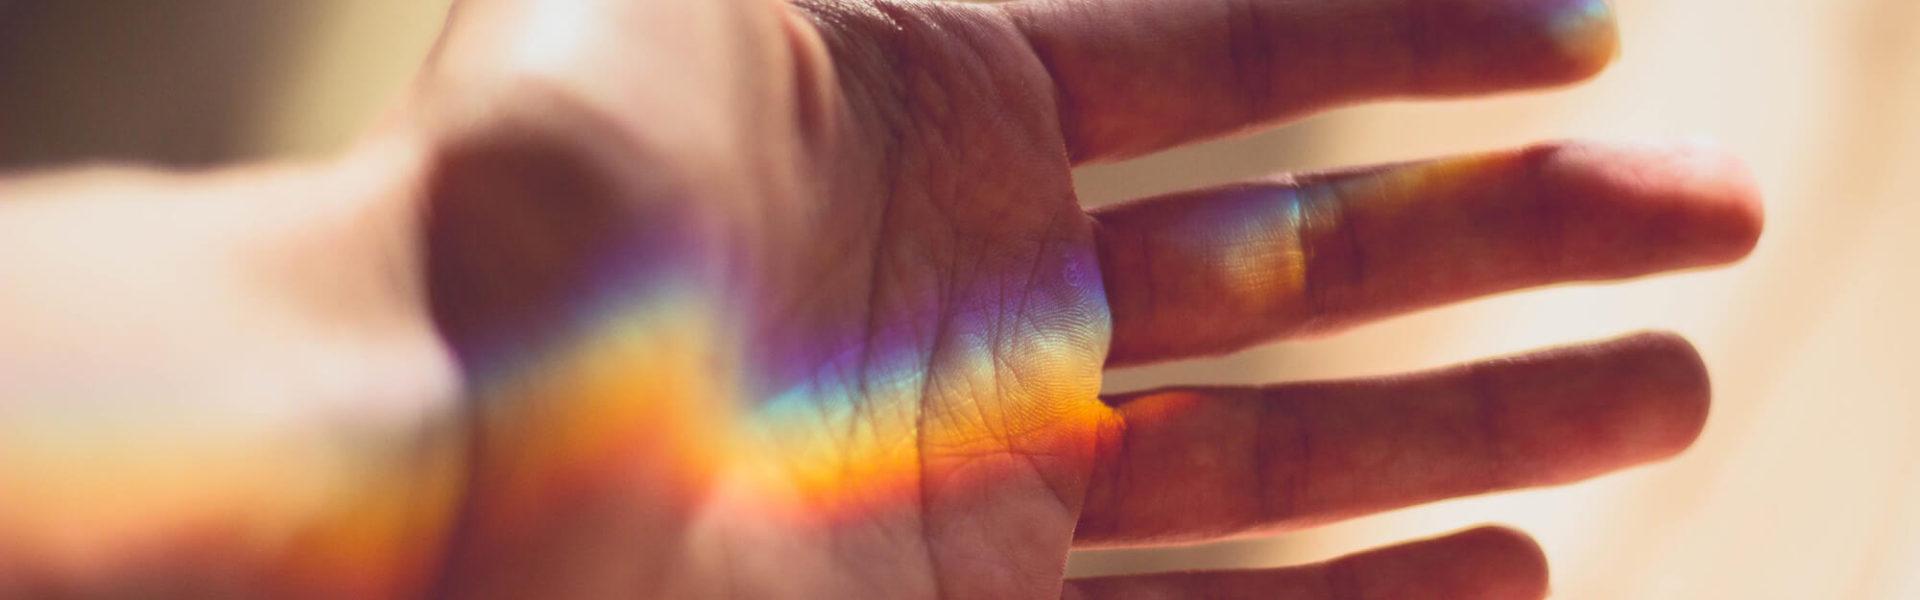 Cromoterapia - La Terapia del Color - Alice in Beautyland - Mano arcoiris